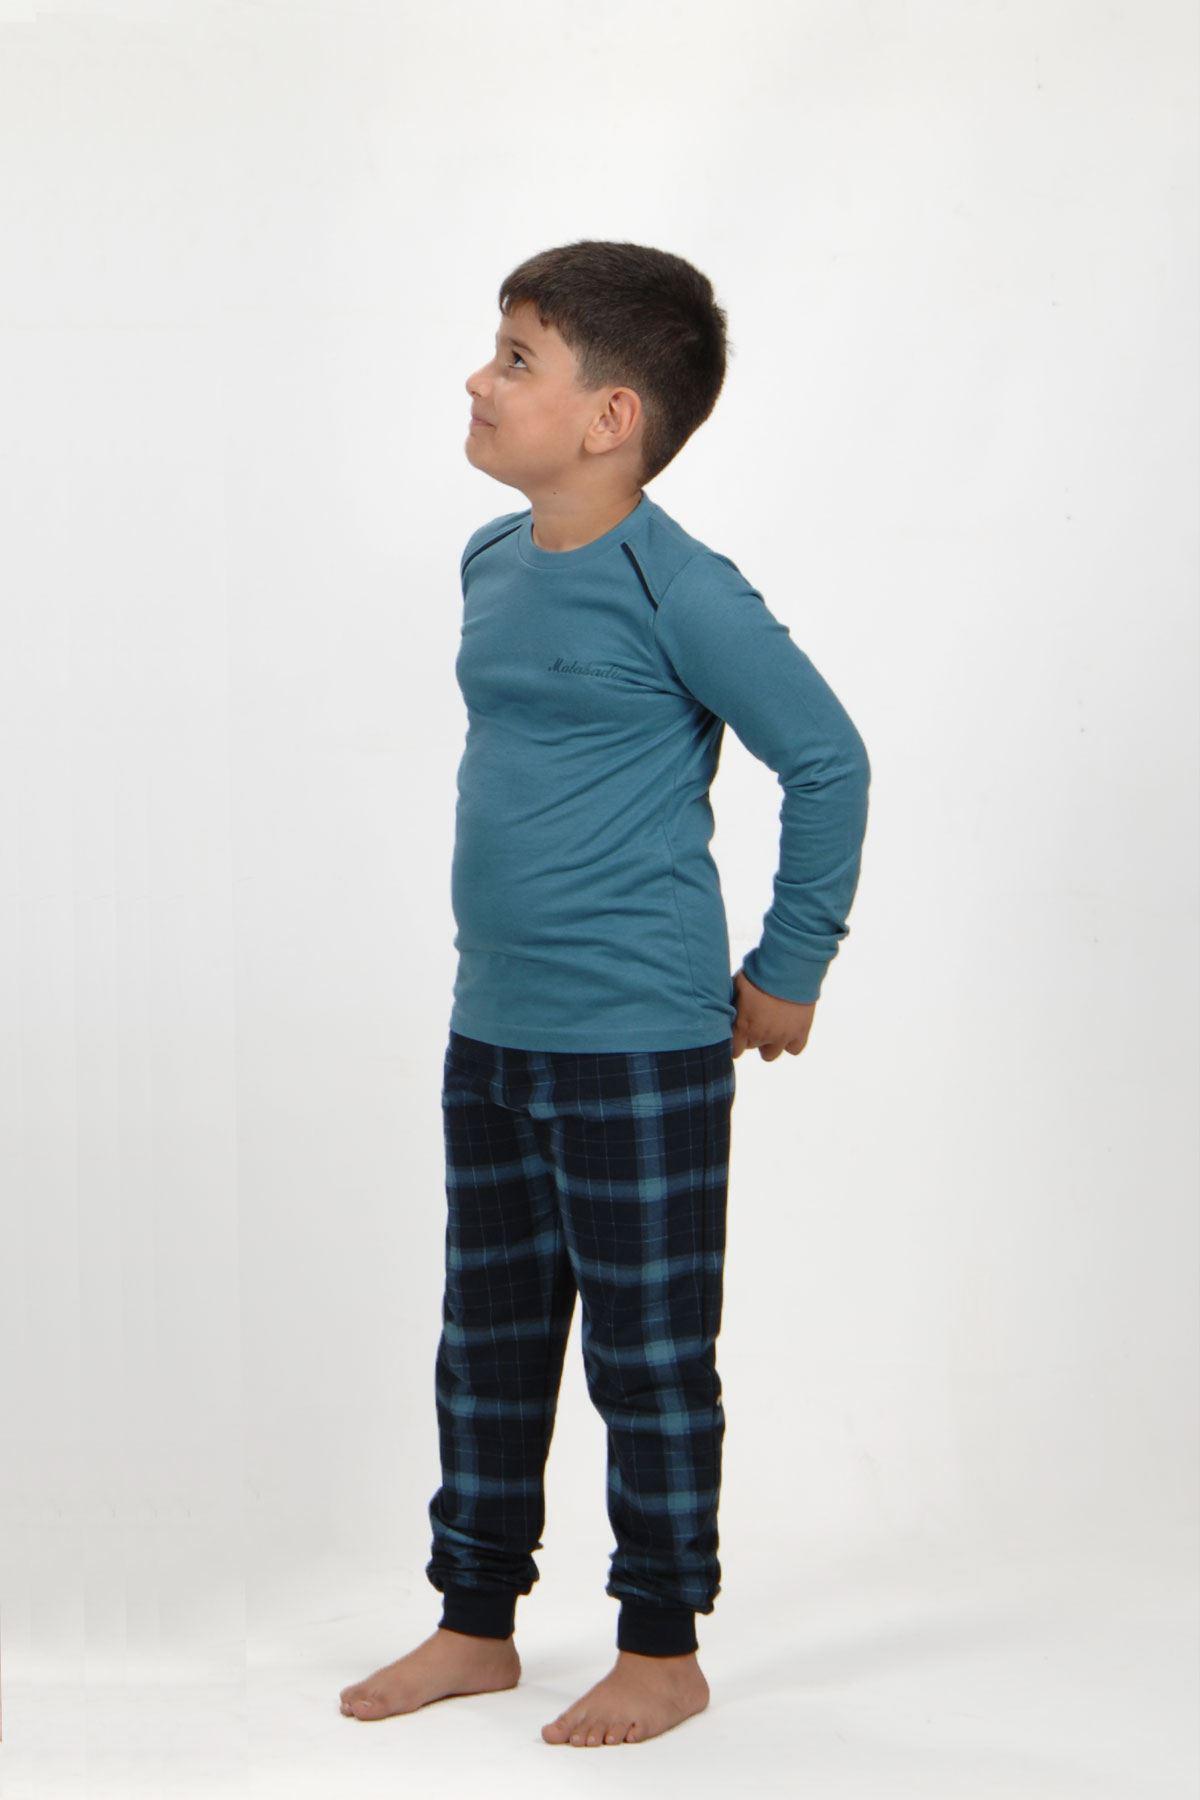 Mavi Ekoseli Erkek Çocuk Pijama Takımı Kışlık Uzun Kollu Pijama 3002